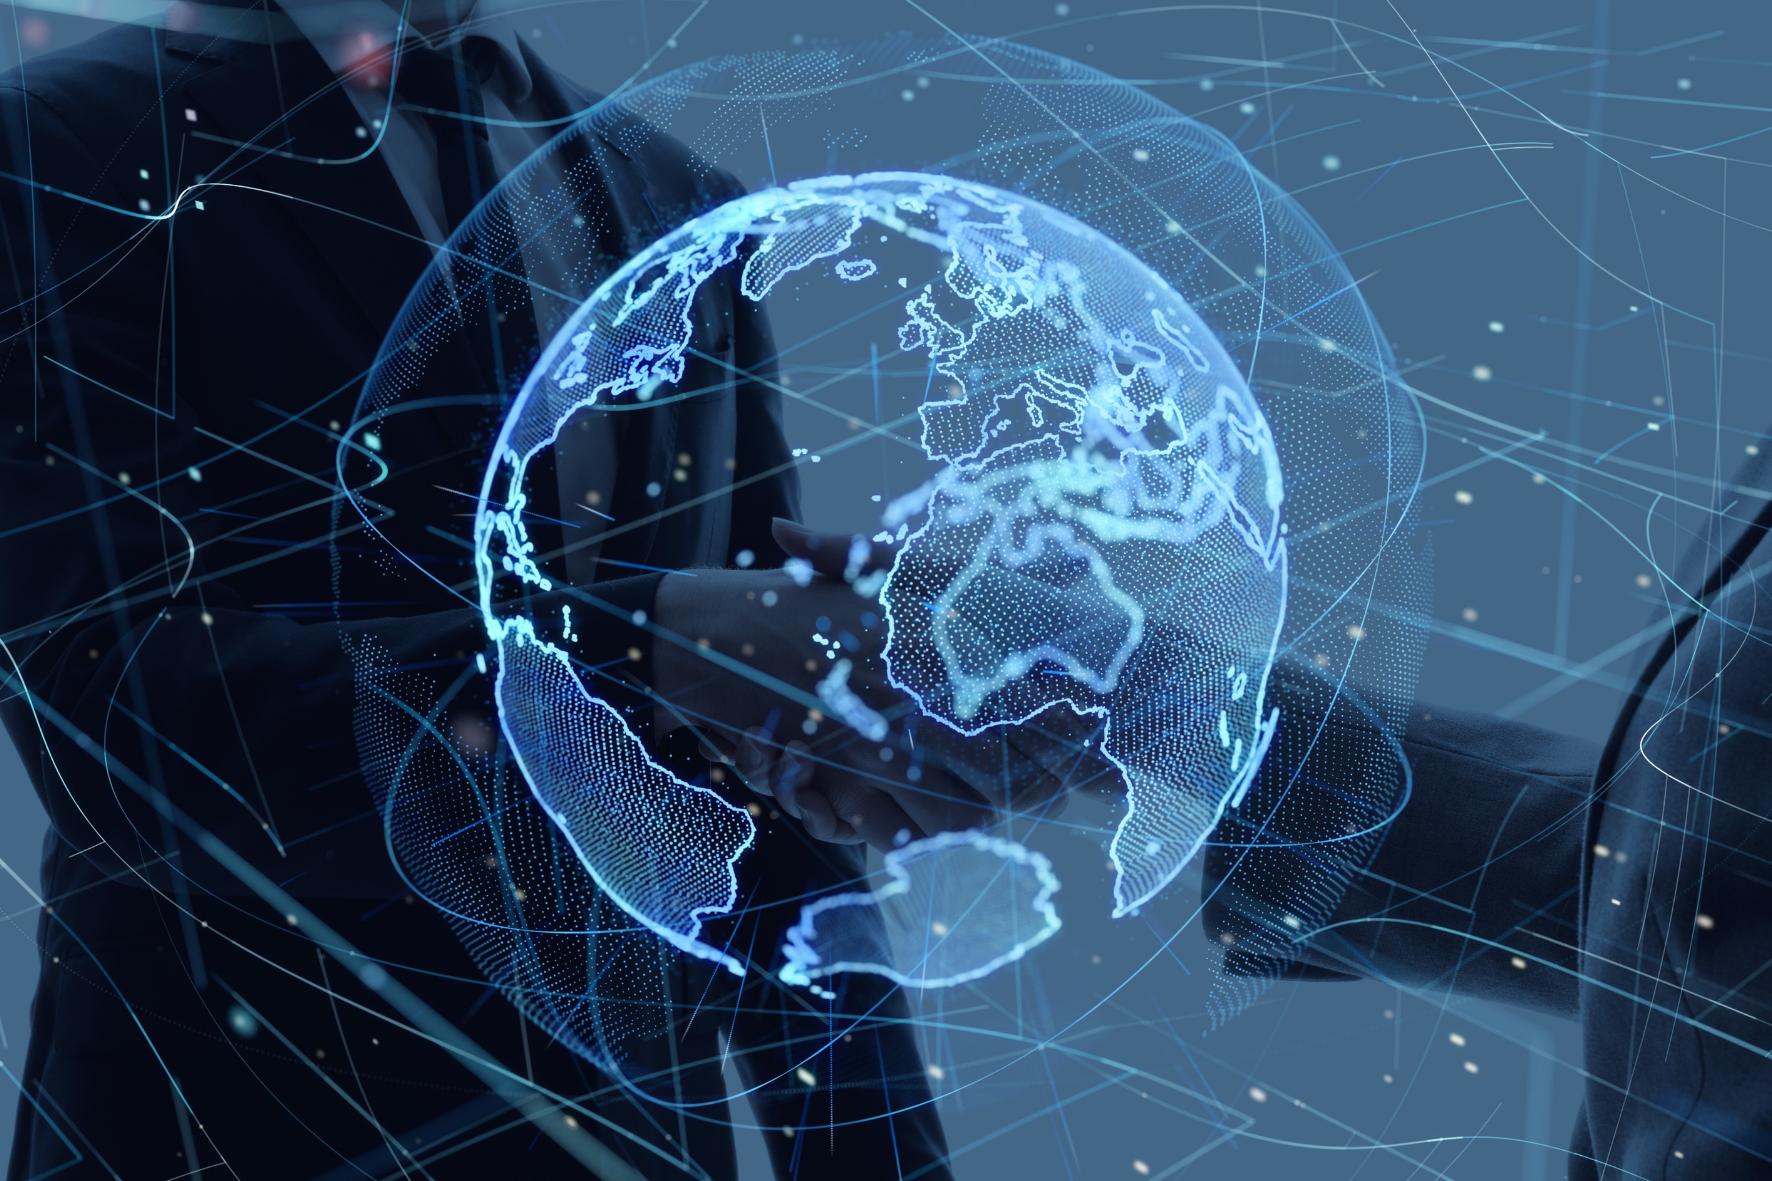 NVIDIA ratifica a Ascenty como aliada de data center, interconexión y telecomunicaciones para respaldar la estrategia de expansión de servicios digitales de sus clientes